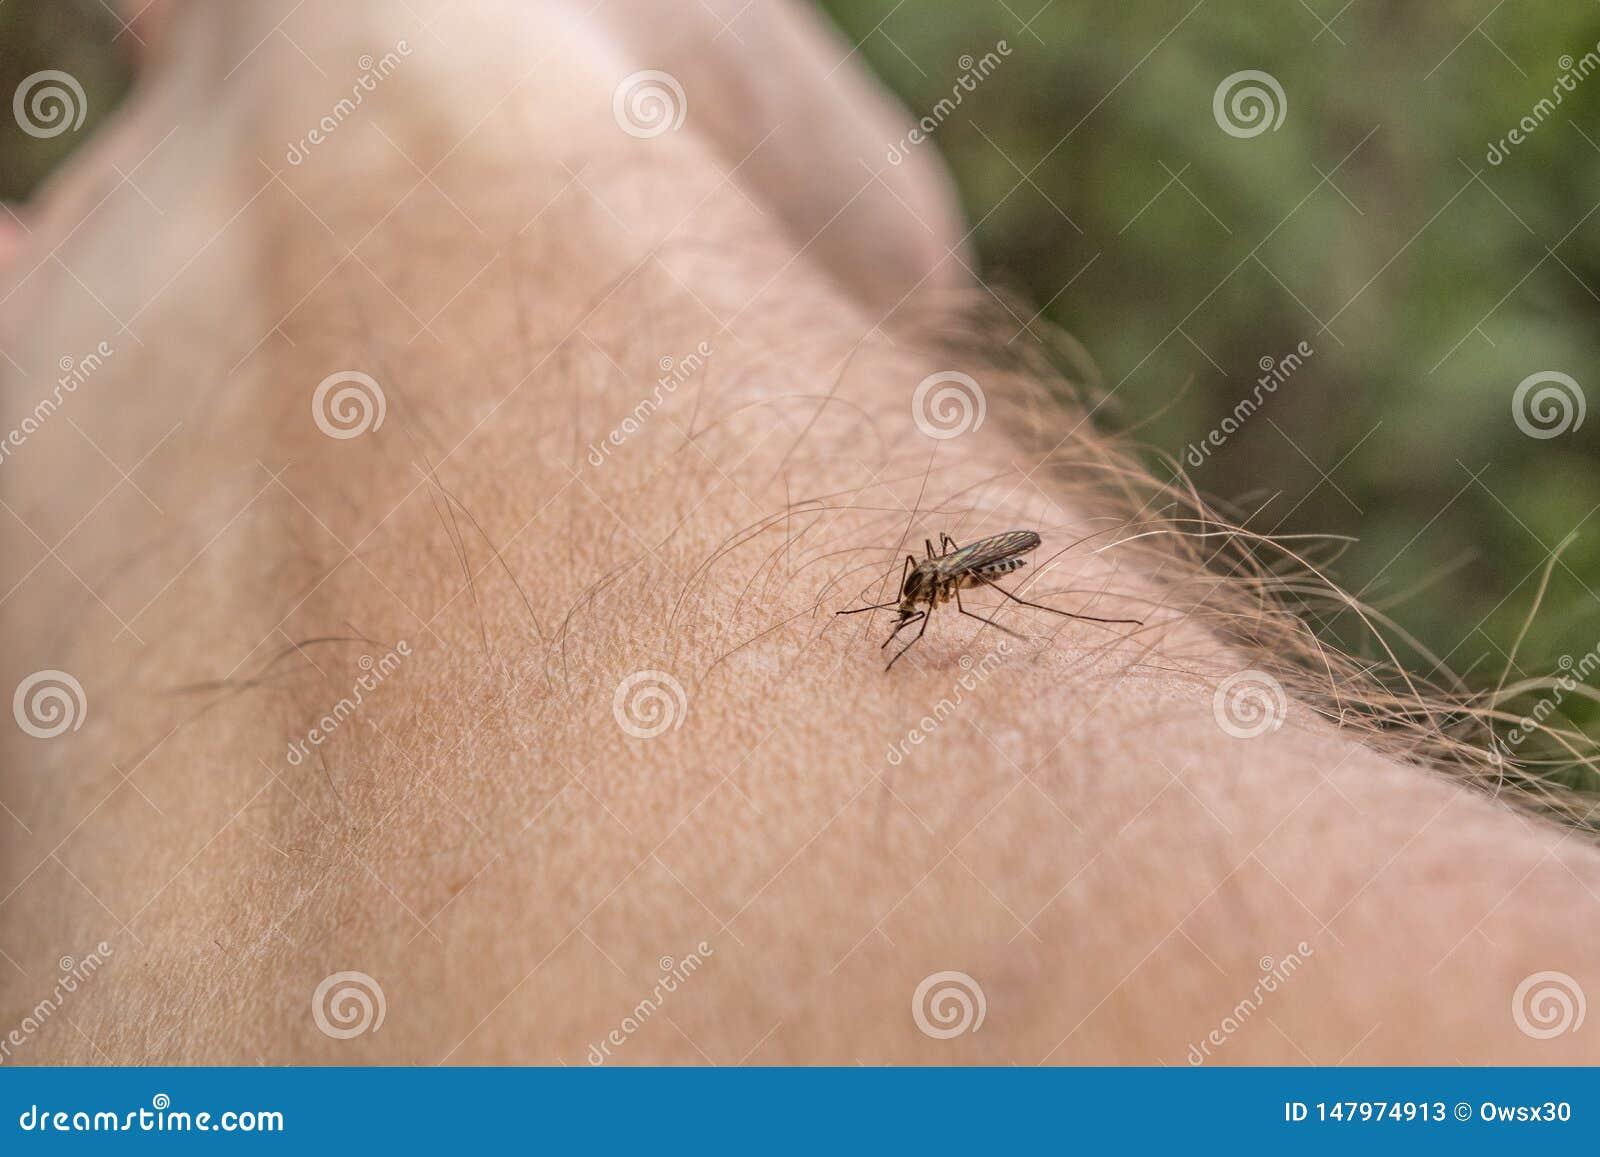 Один москит сидит на руке, прокалывает кожу и сосет человеческую кровь Причиняет малярию заболеванием Москиты опасны